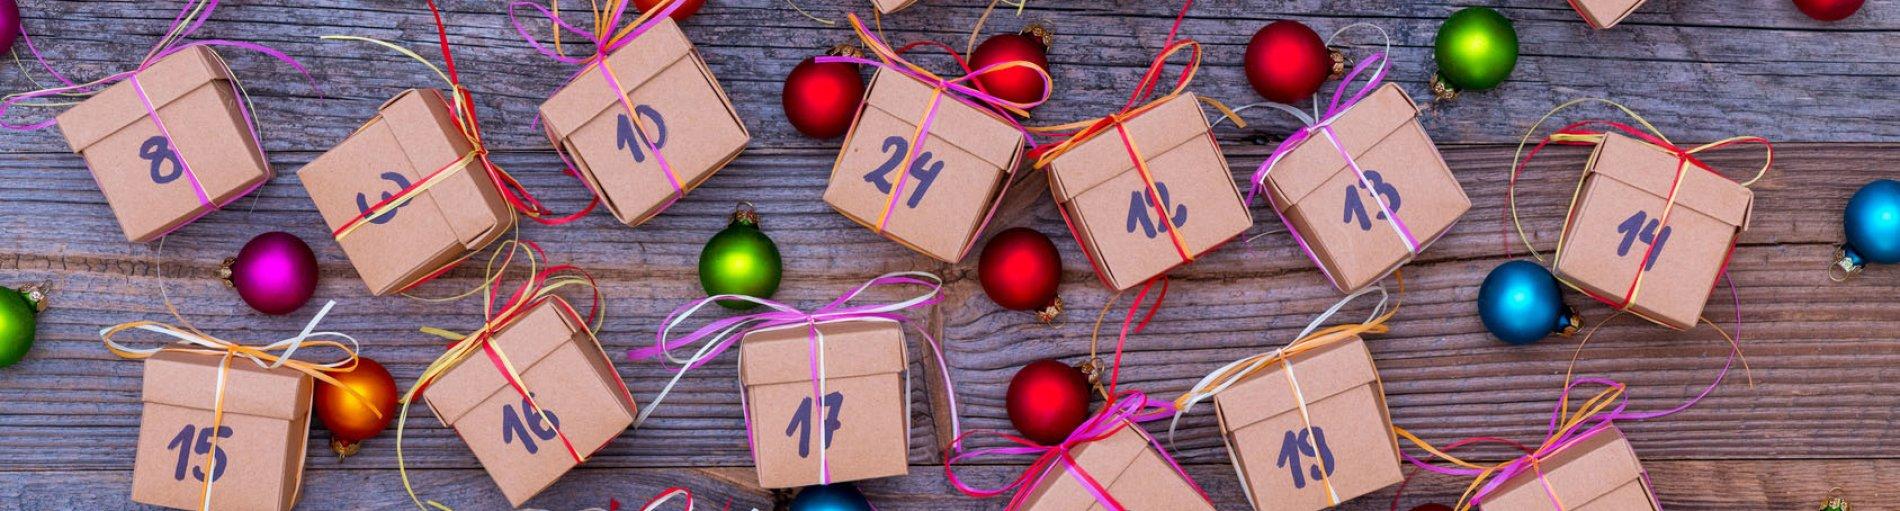 Viele kleine Päckchen mit Nummern für den Adventskalender sind auf einem Tisch verteilt.